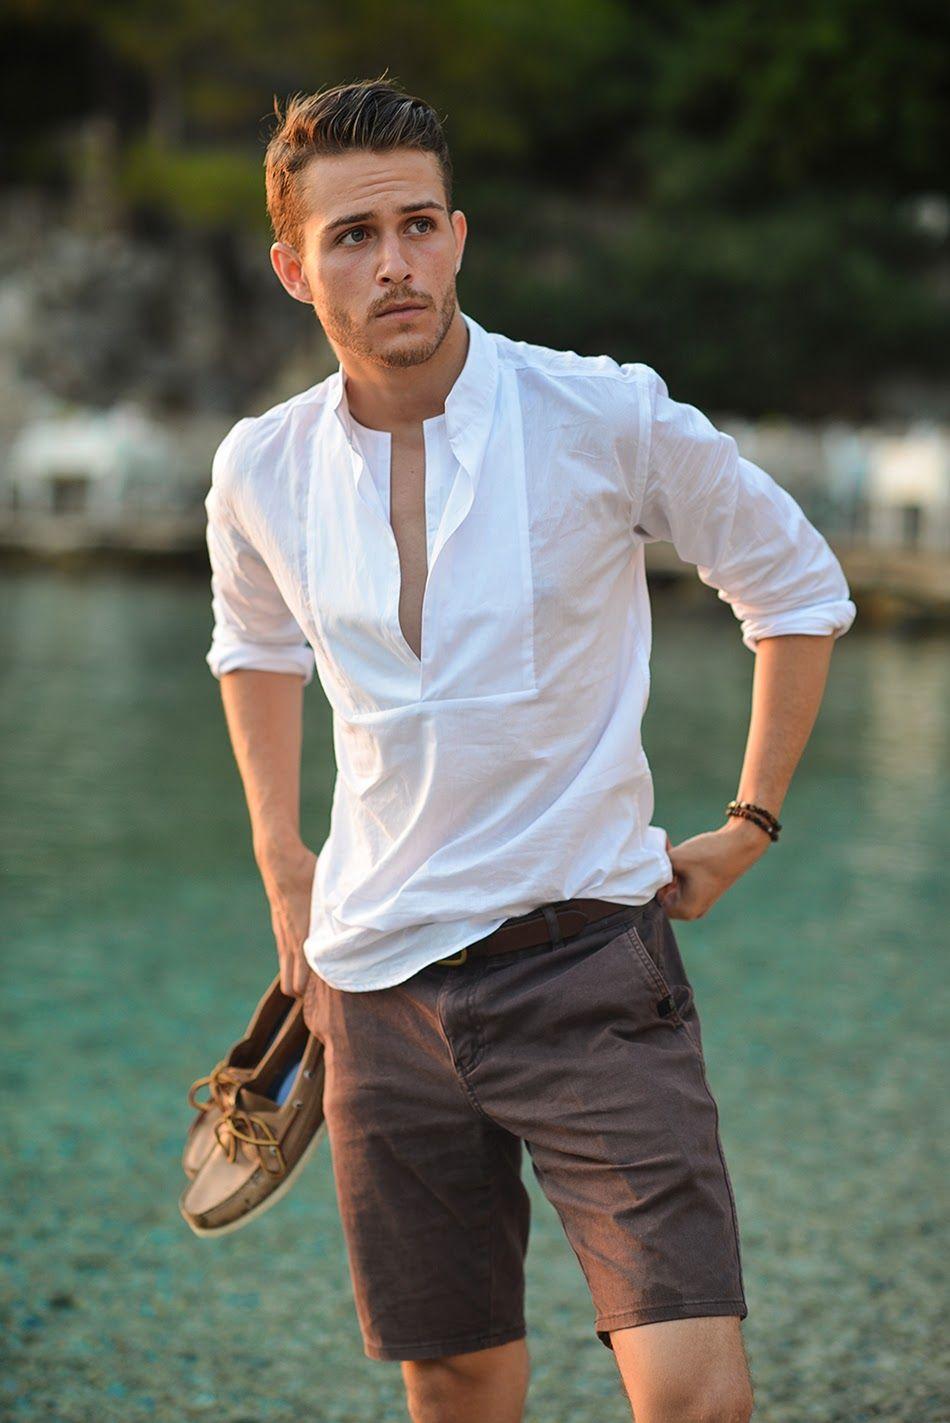 Tolles Sommeroutfit - insbesondere das Hemd mit dem raffinierten Kragen ist super!